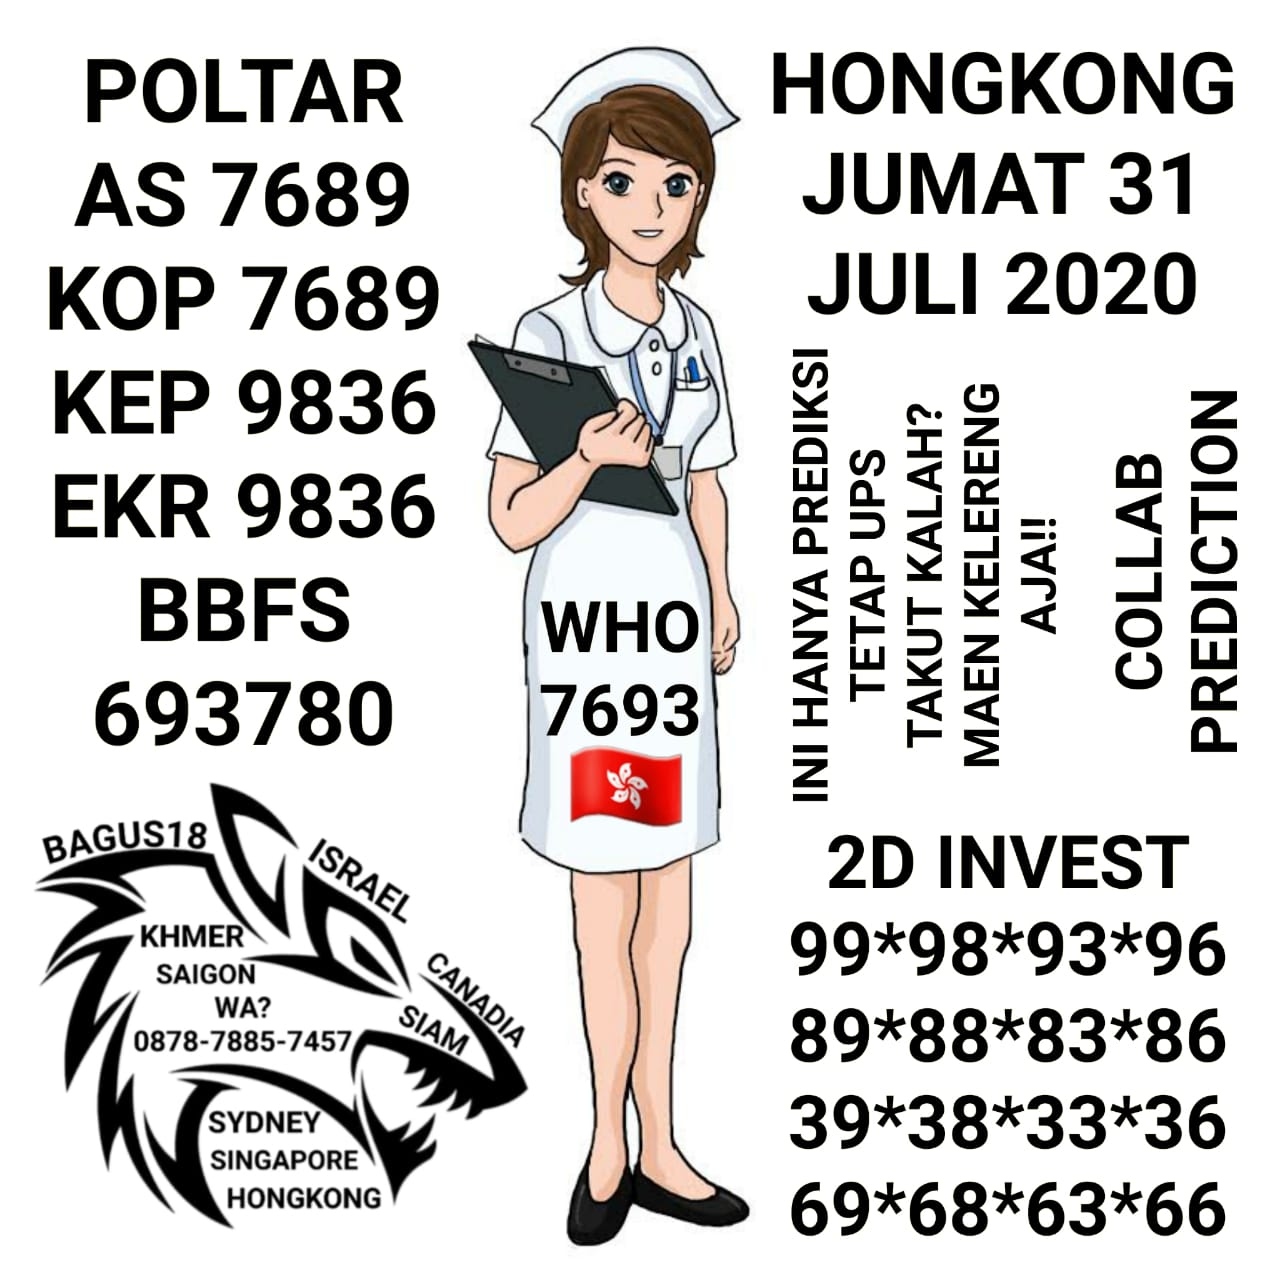 Kode syair Hongkong Jumat 31 Juli 2020 14